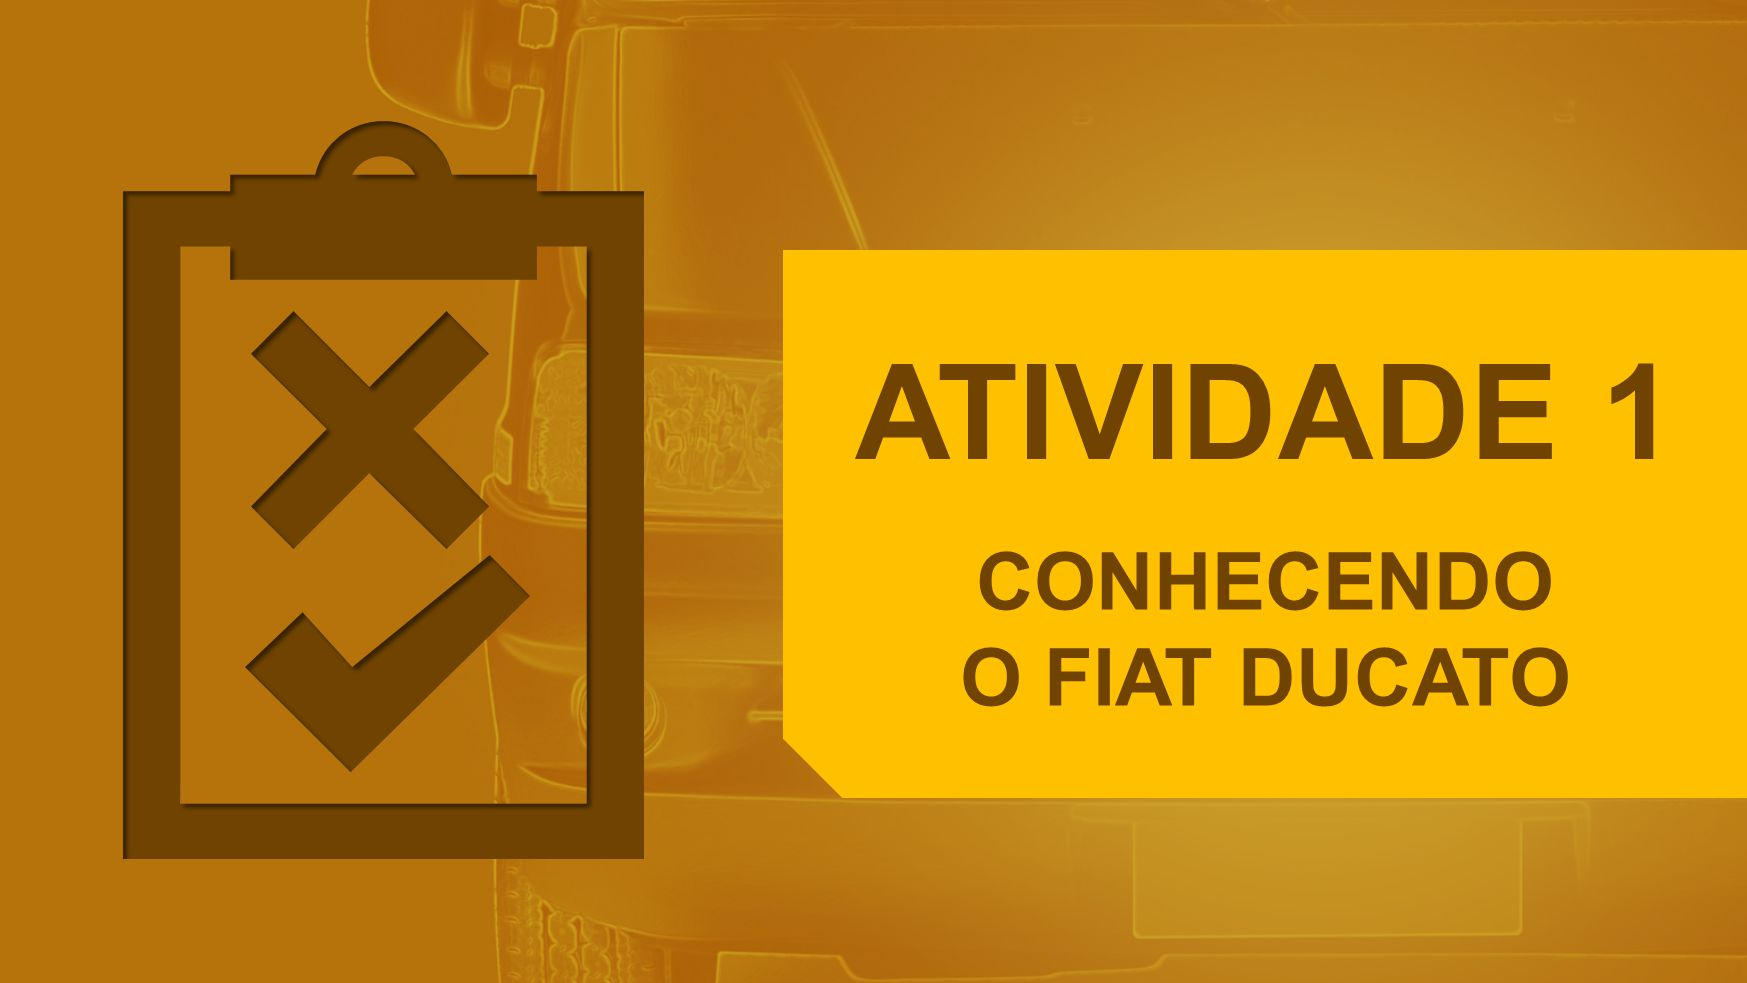 ATIVIDADE 1 CONHECENDO O FIAT DUCATO